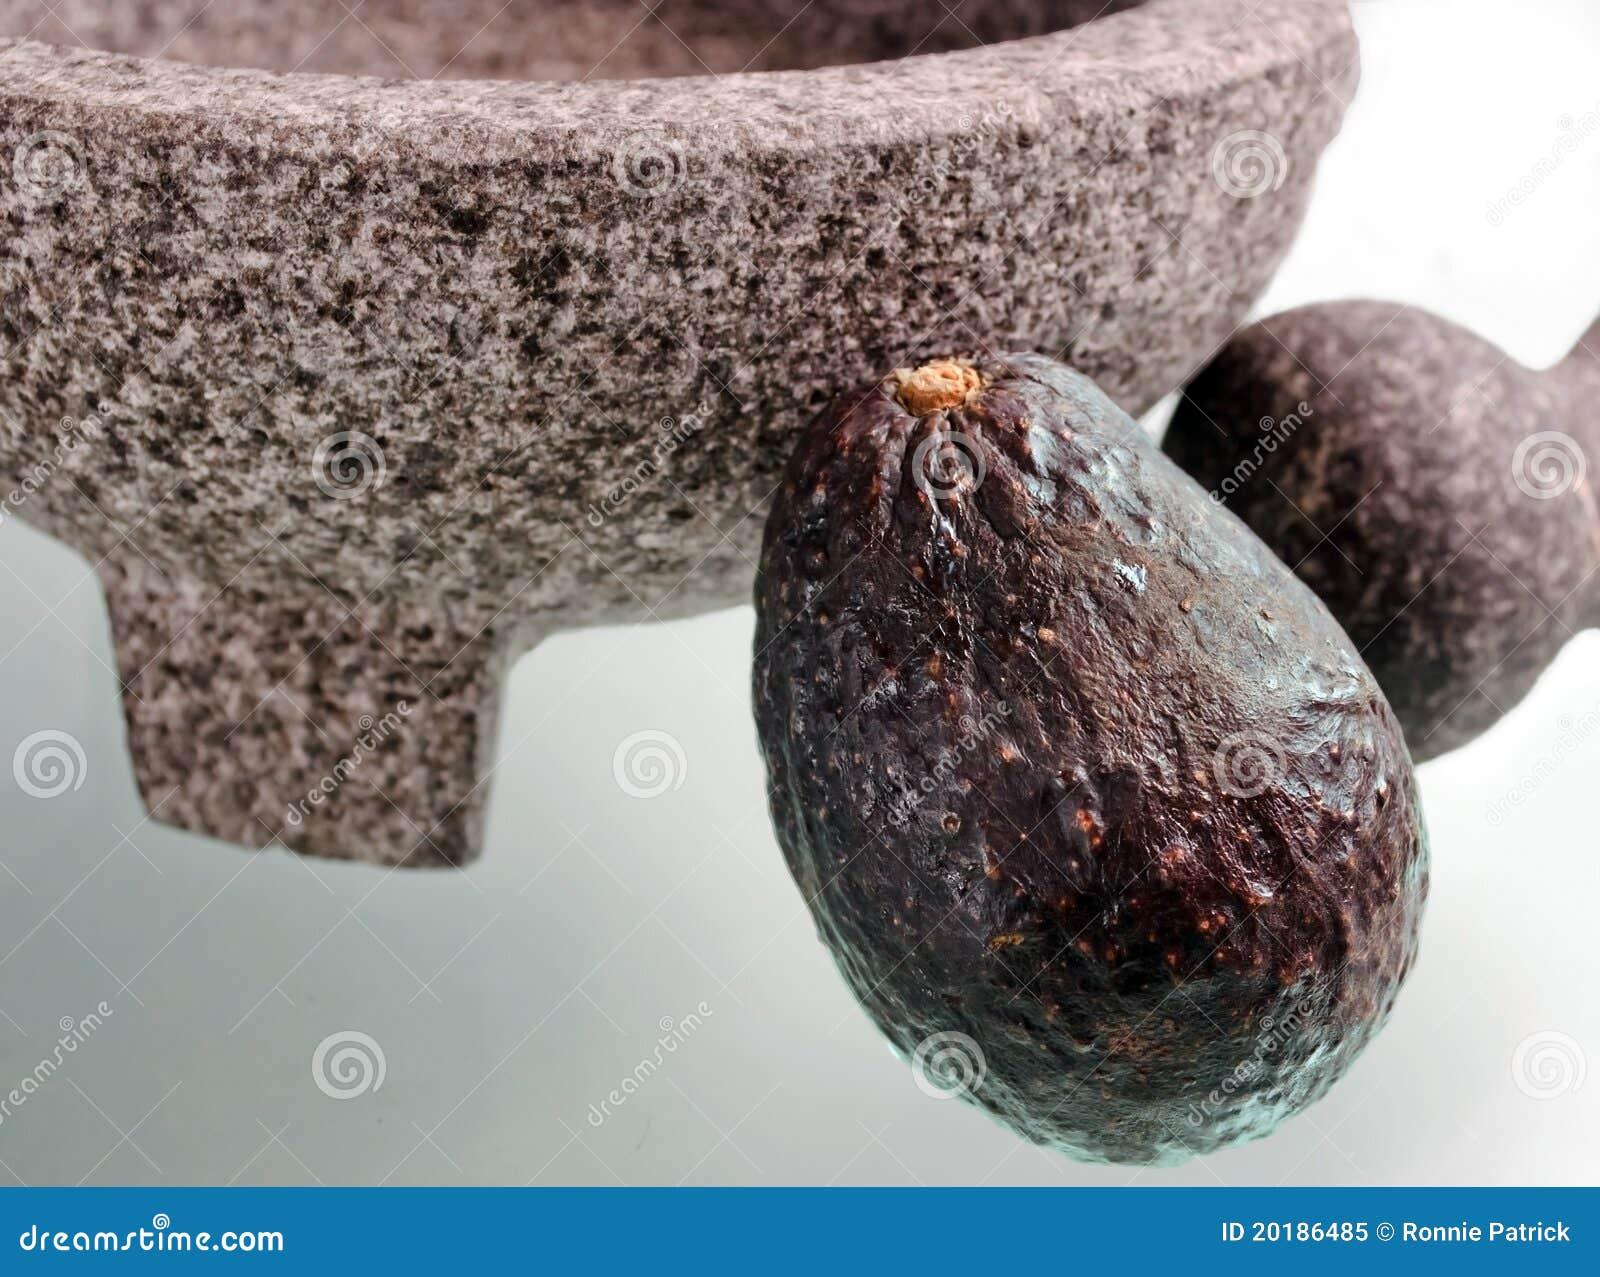 how to prepare avocado eeds